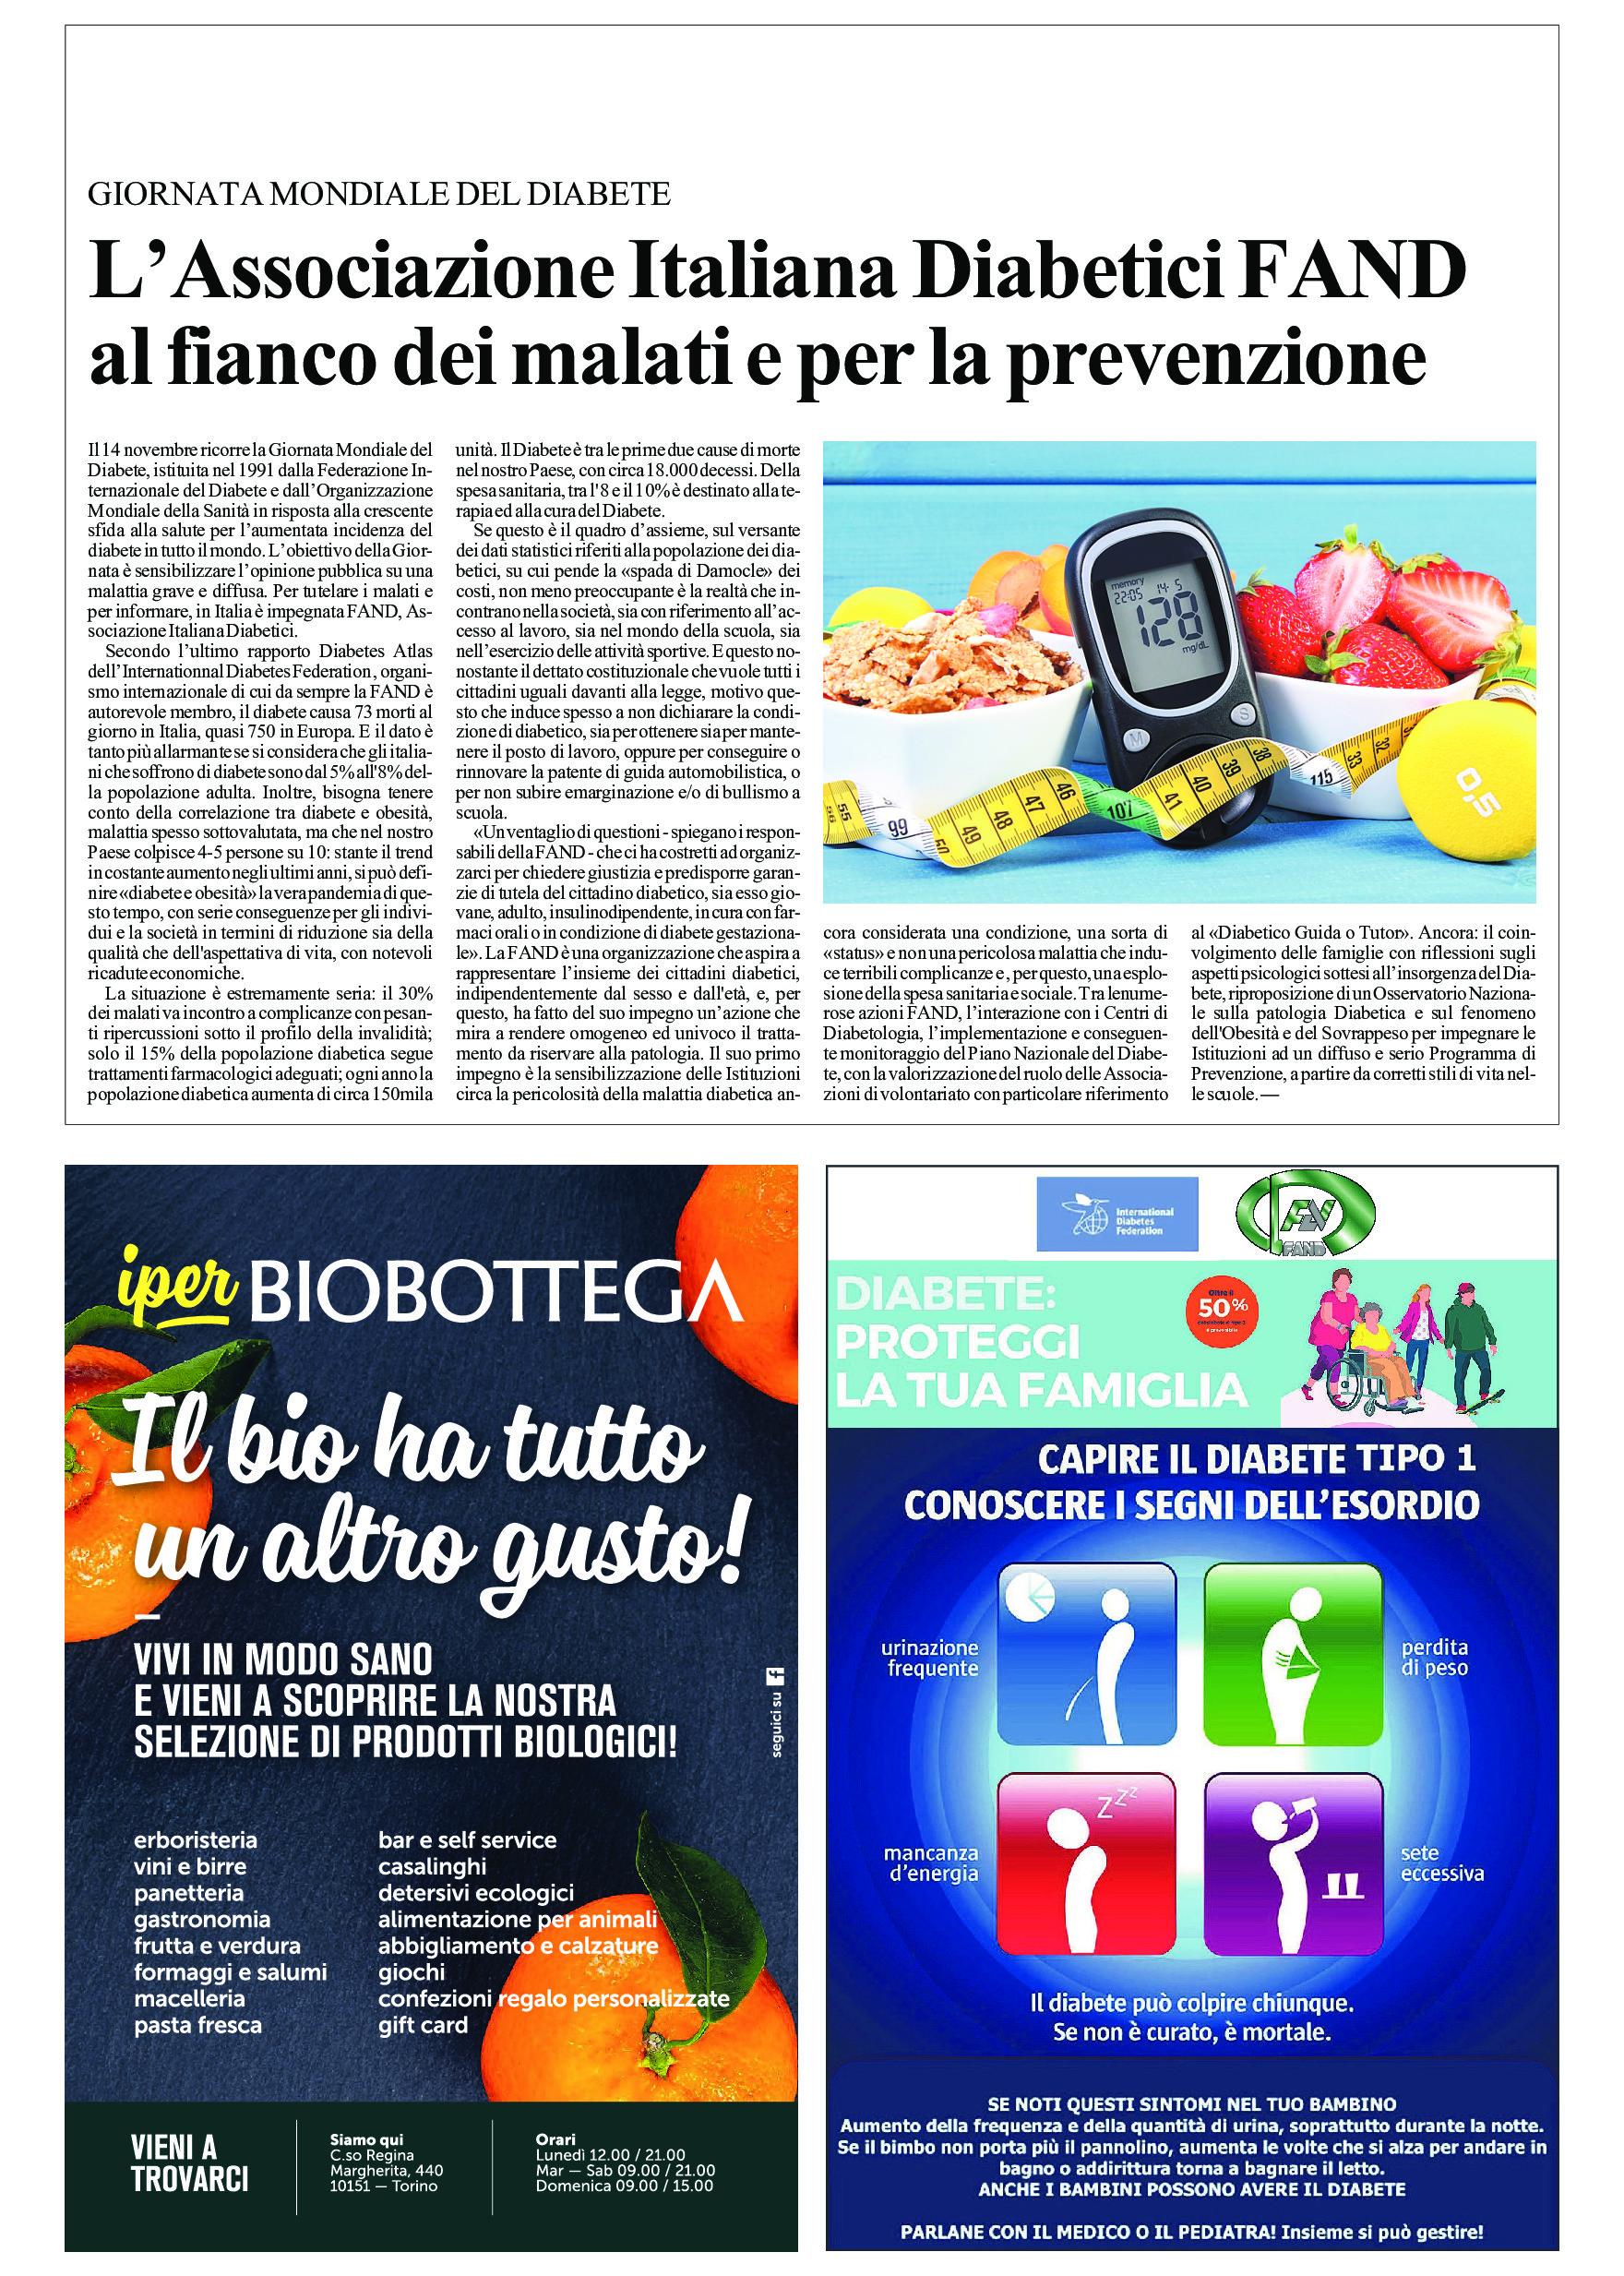 La FAND al fianco delle persone con diabete e per la prevenzione